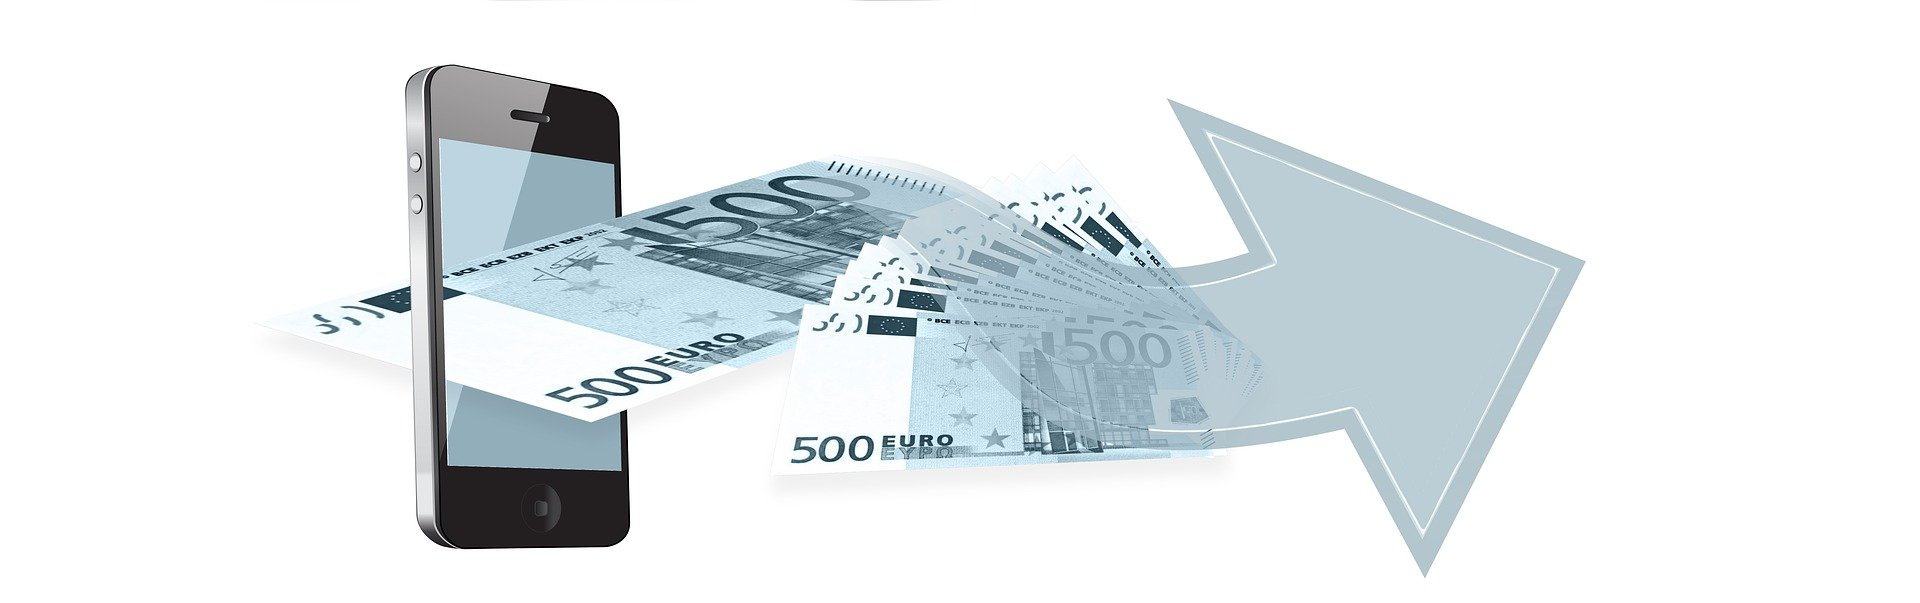 sikre betalingsmetoder på nett